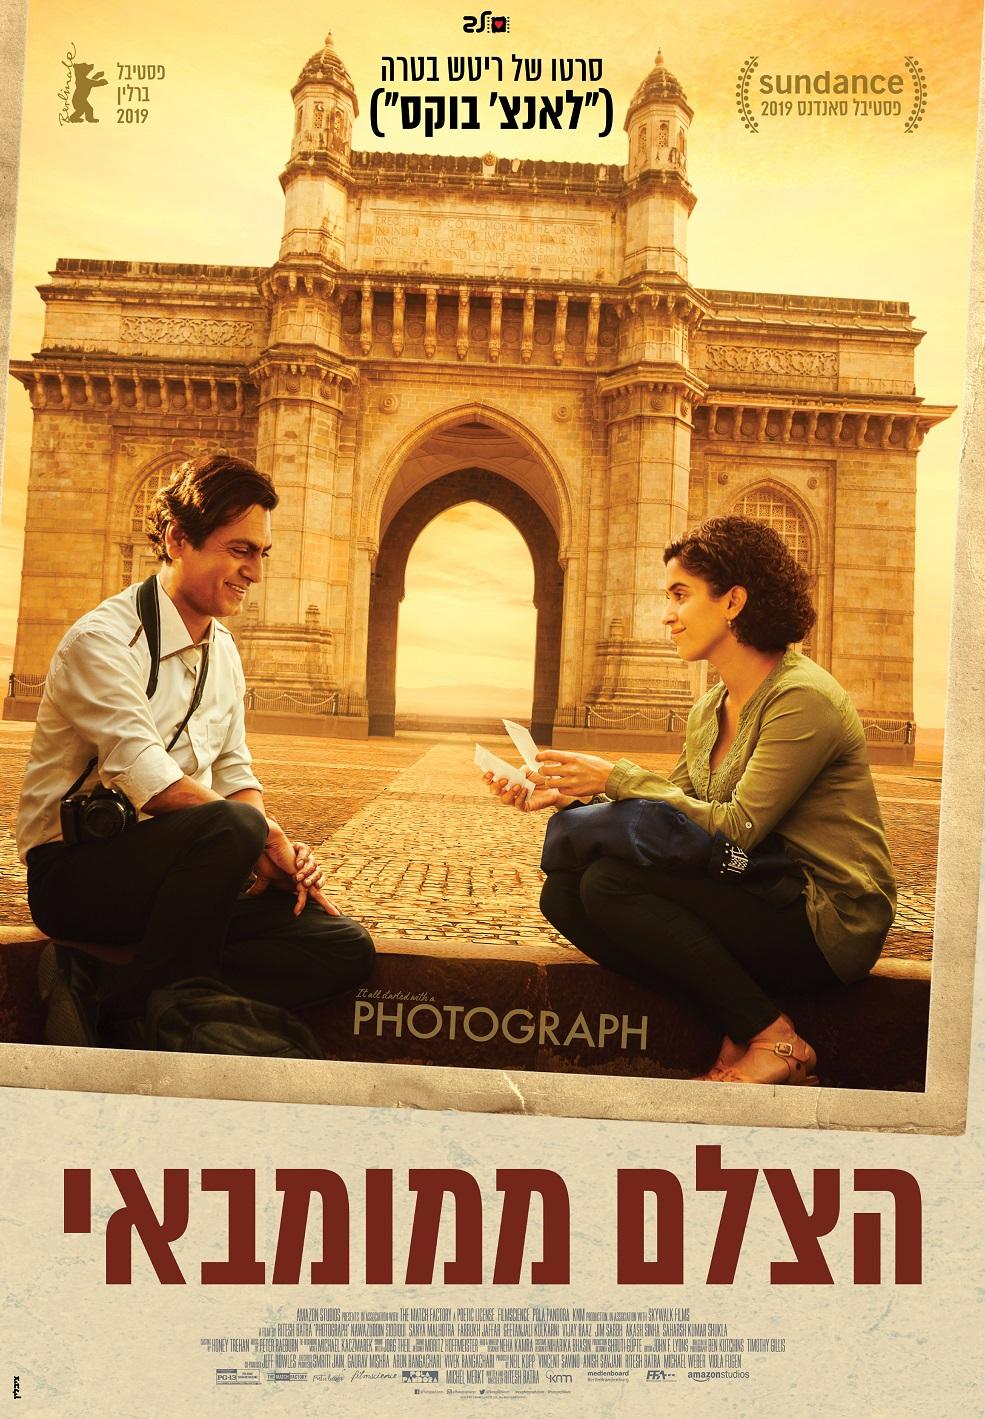 הצלם ממומבאי